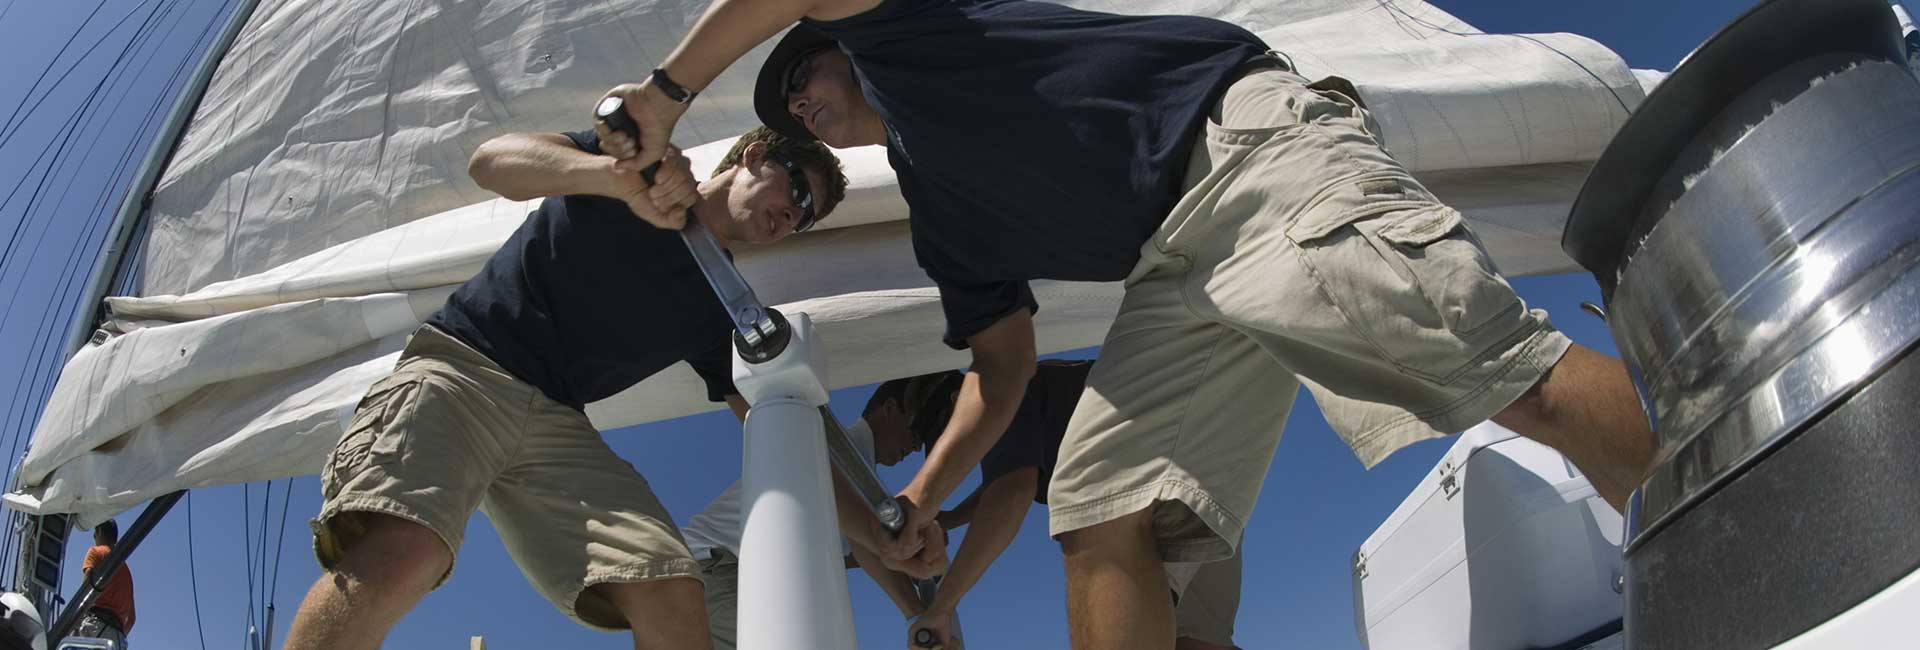 guys on a yacht